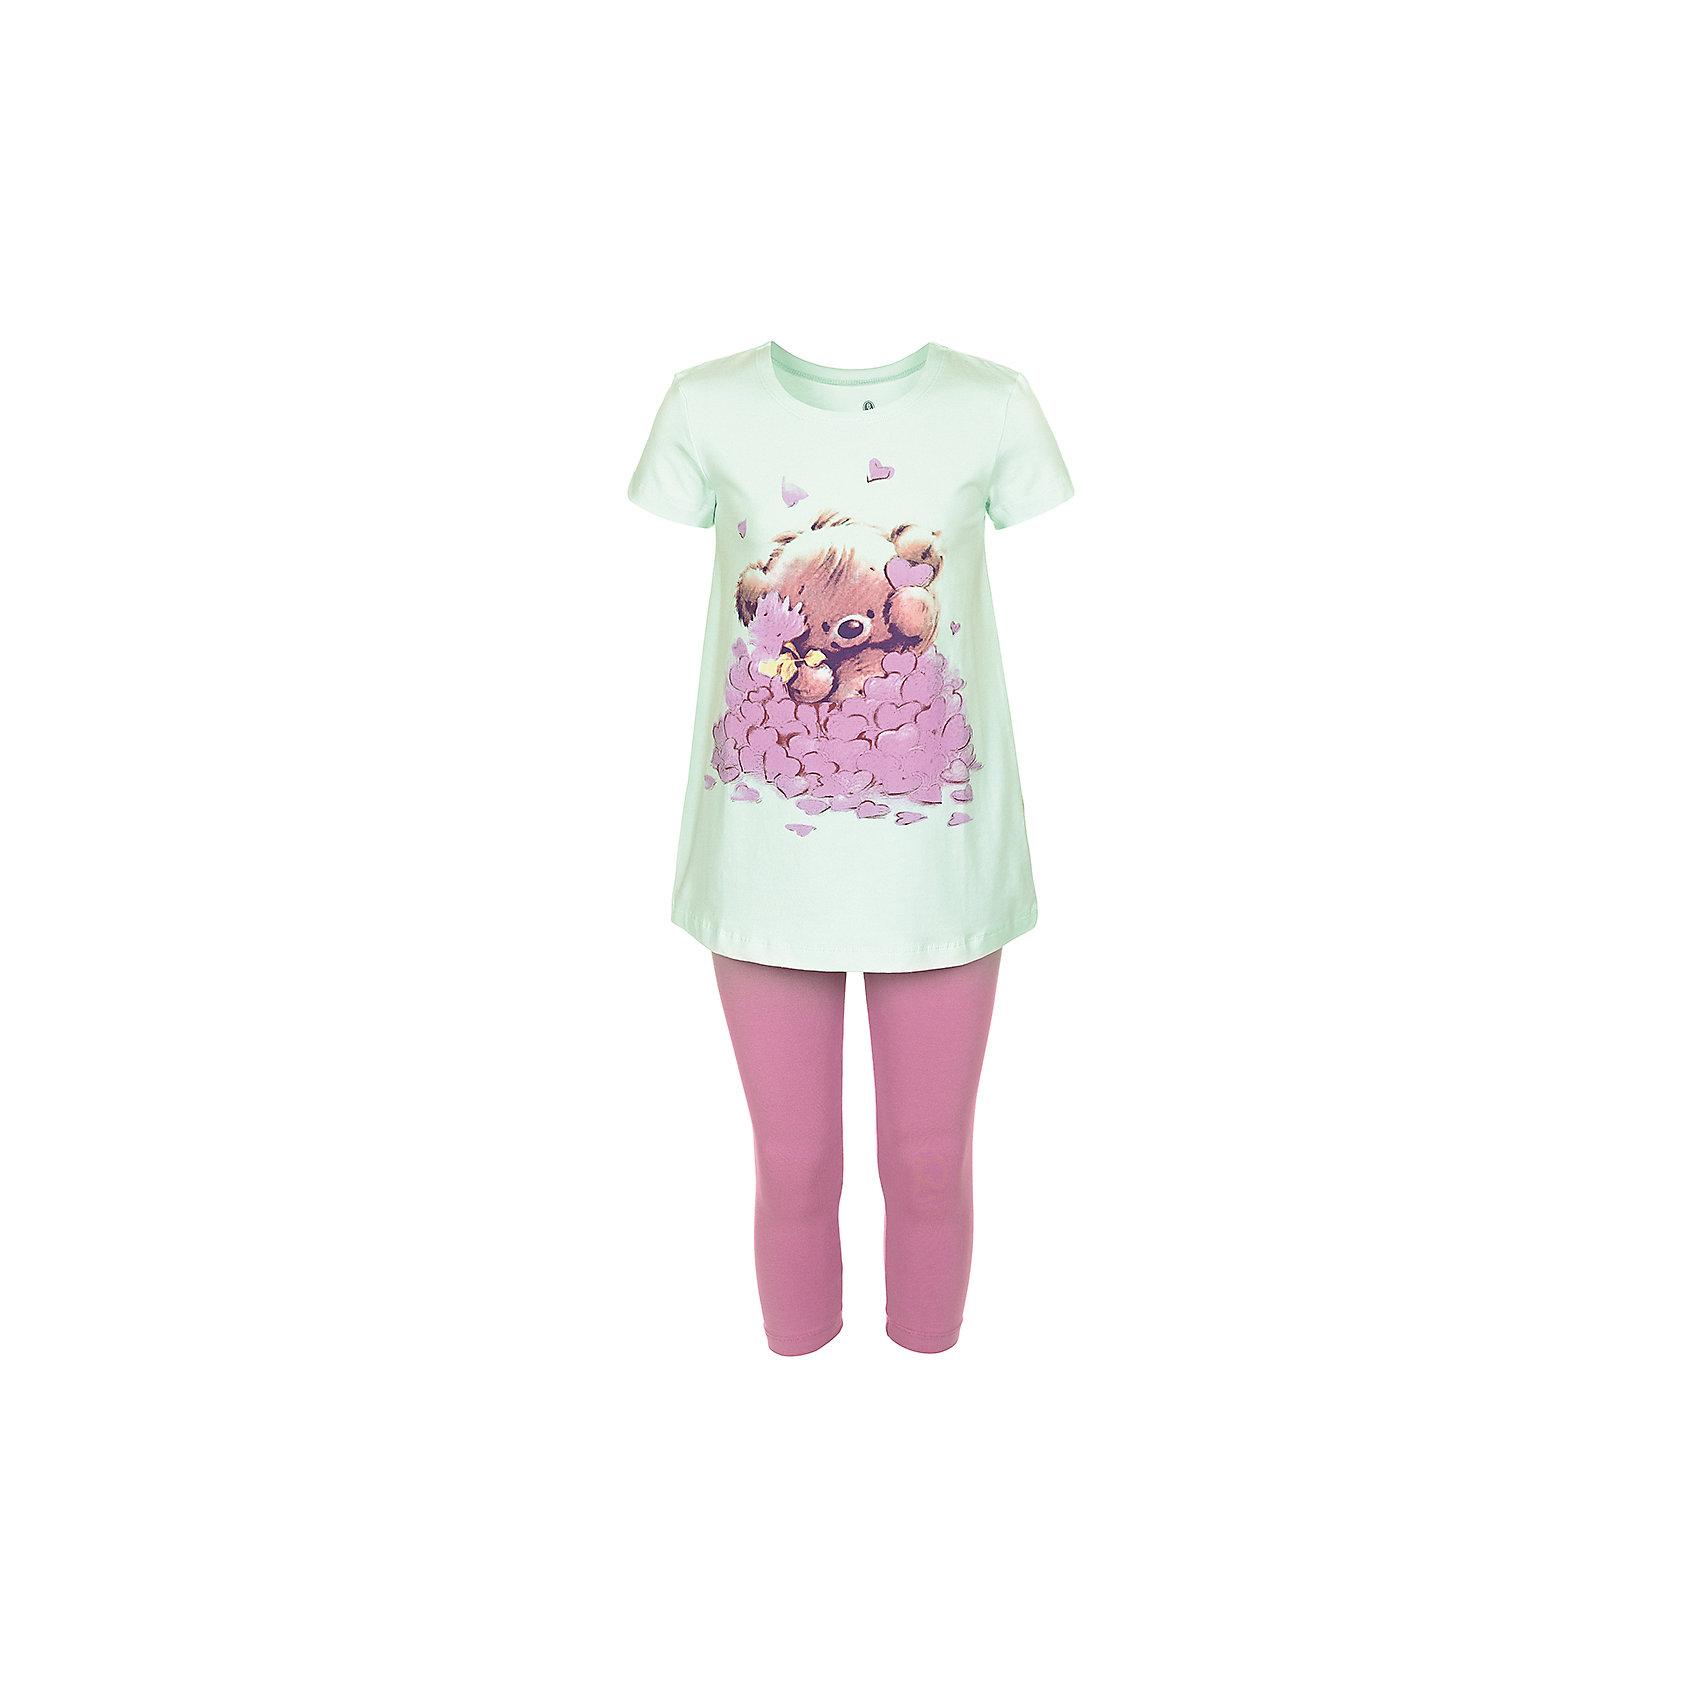 Пижама для девочки BaykarПижамы и сорочки<br>Характеристики товара:<br><br>• цвет: зеленый<br>• состав ткани: 95% хлопок; 5% эластан<br>• комплектация: туника, капри<br>• пояс брюк: резинка<br>• сезон: круглый год<br>• страна бренда: Турция<br>• страна изготовитель: Турция<br><br>Симпатичная пижама для девочки Baykar украшена симпатичным принтом. Этот комплект для сна из туники и брюк-капри сделан из мягкого дышащего материала. <br><br>Продуманный крой обеспечивает комфортную посадку. Голубая пижама для девочки позволяет обеспечить комфортный сон.<br><br>Пижаму для девочки Baykar (Байкар) можно купить в нашем интернет-магазине.<br><br>Ширина мм: 281<br>Глубина мм: 70<br>Высота мм: 188<br>Вес г: 295<br>Цвет: зеленый<br>Возраст от месяцев: 120<br>Возраст до месяцев: 132<br>Пол: Женский<br>Возраст: Детский<br>Размер: 140/146,134/140,122/128,128/134<br>SKU: 6764804